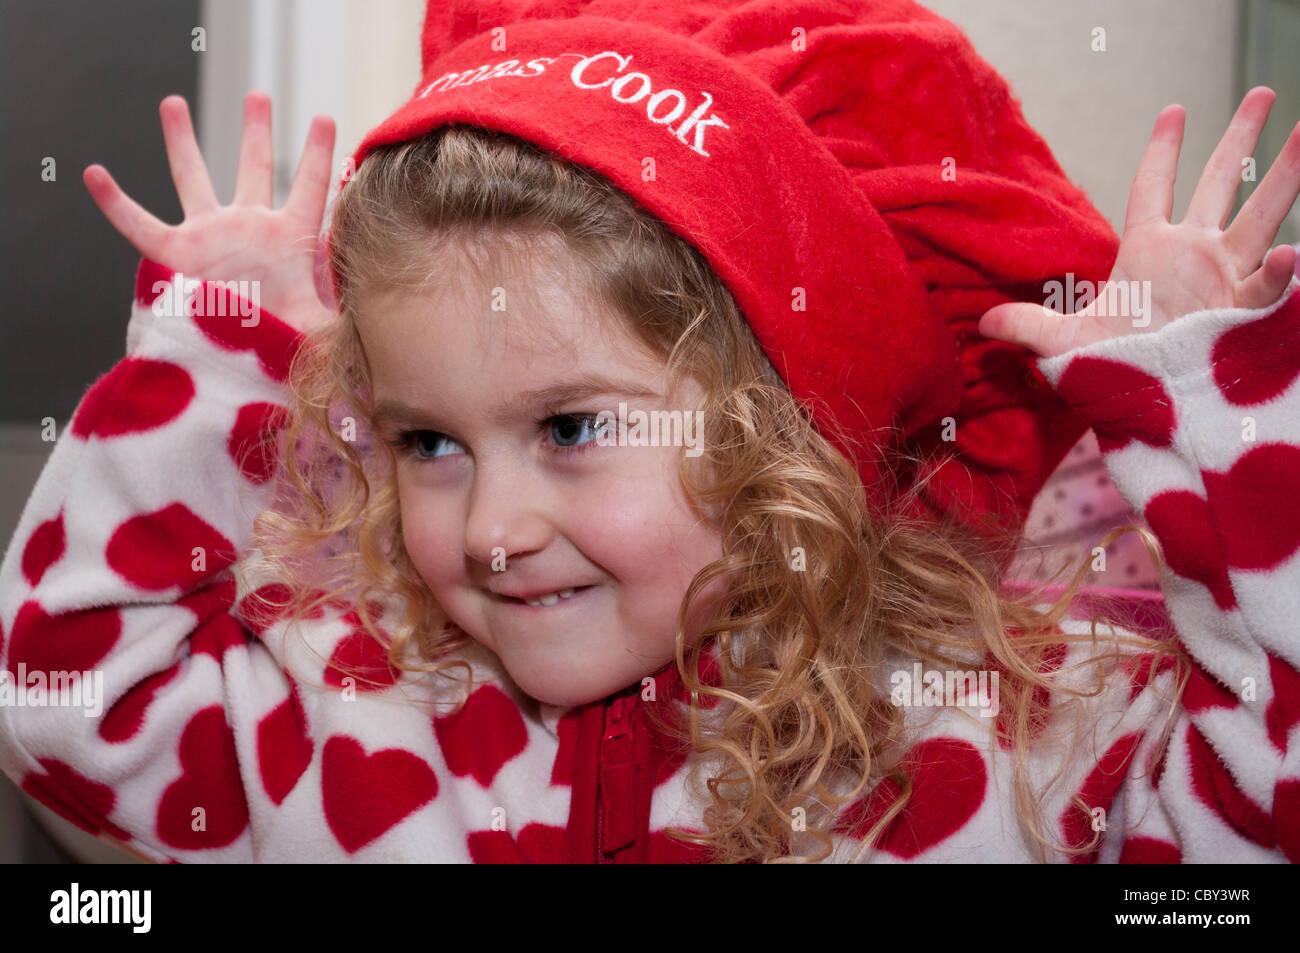 efb63012fdcb Enfant de 3 ans Enfant Bébé fille en tirant une drôle de visage portant un  chapeau